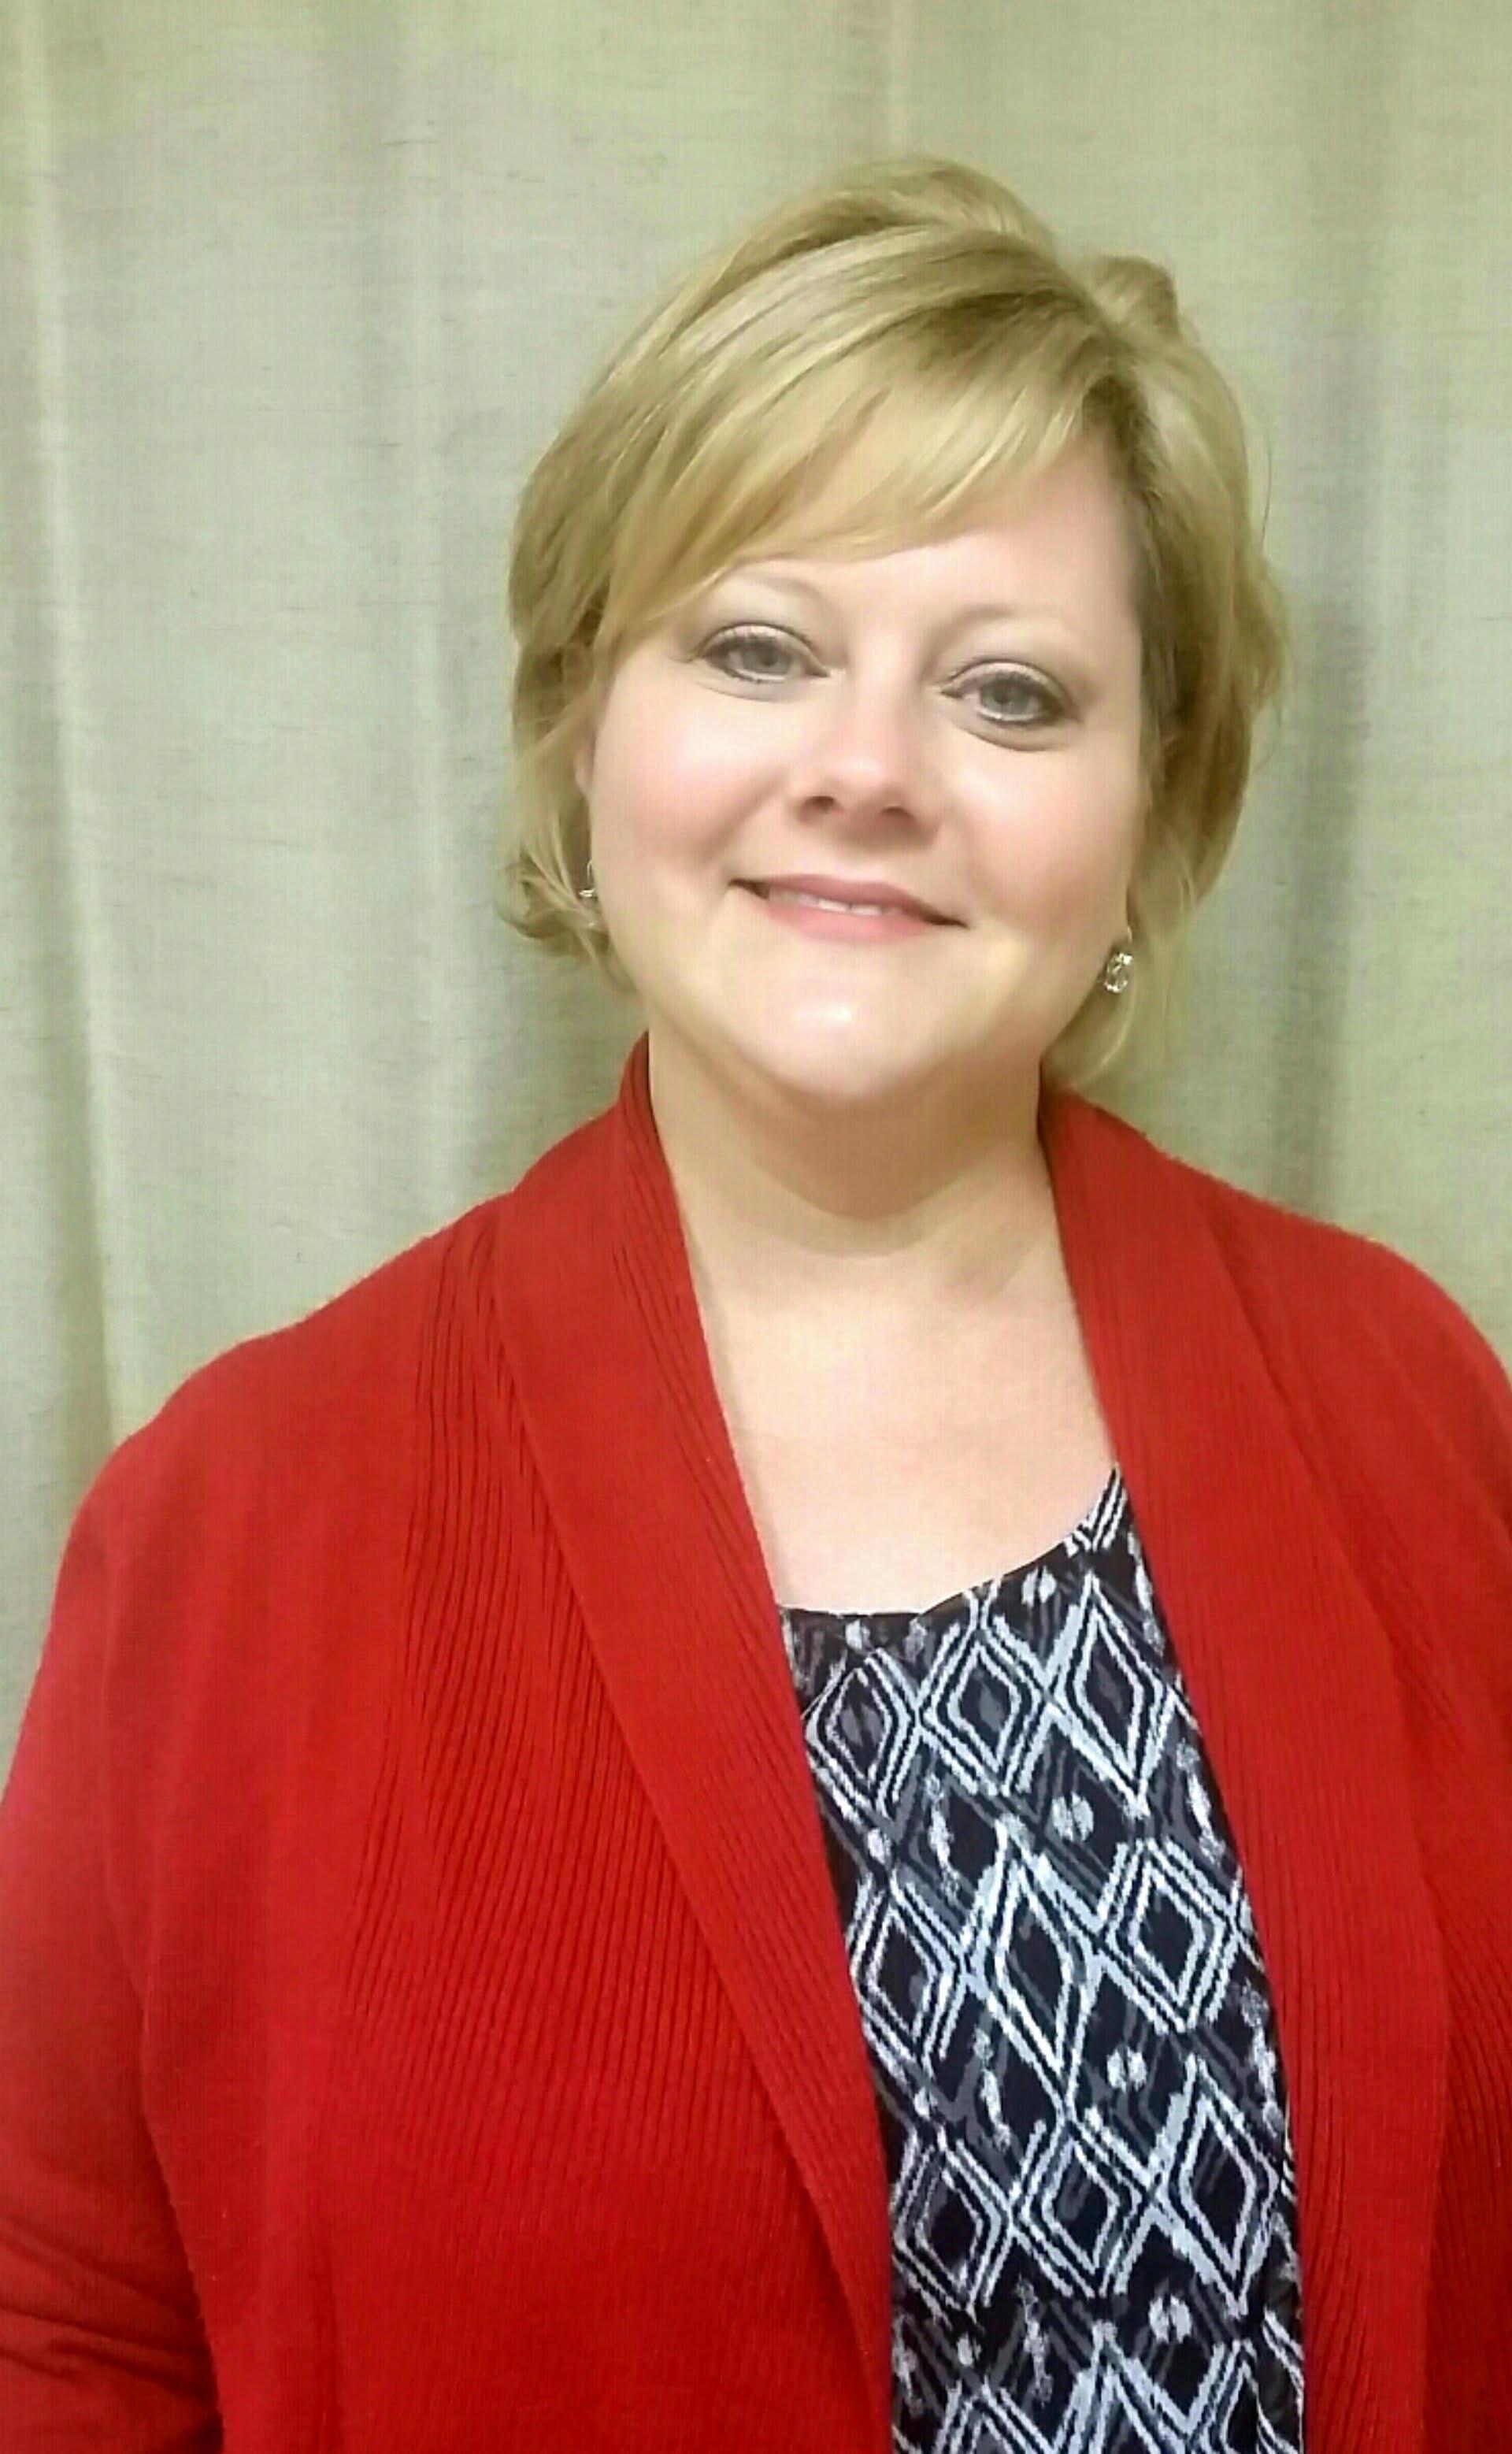 Denise Cowden